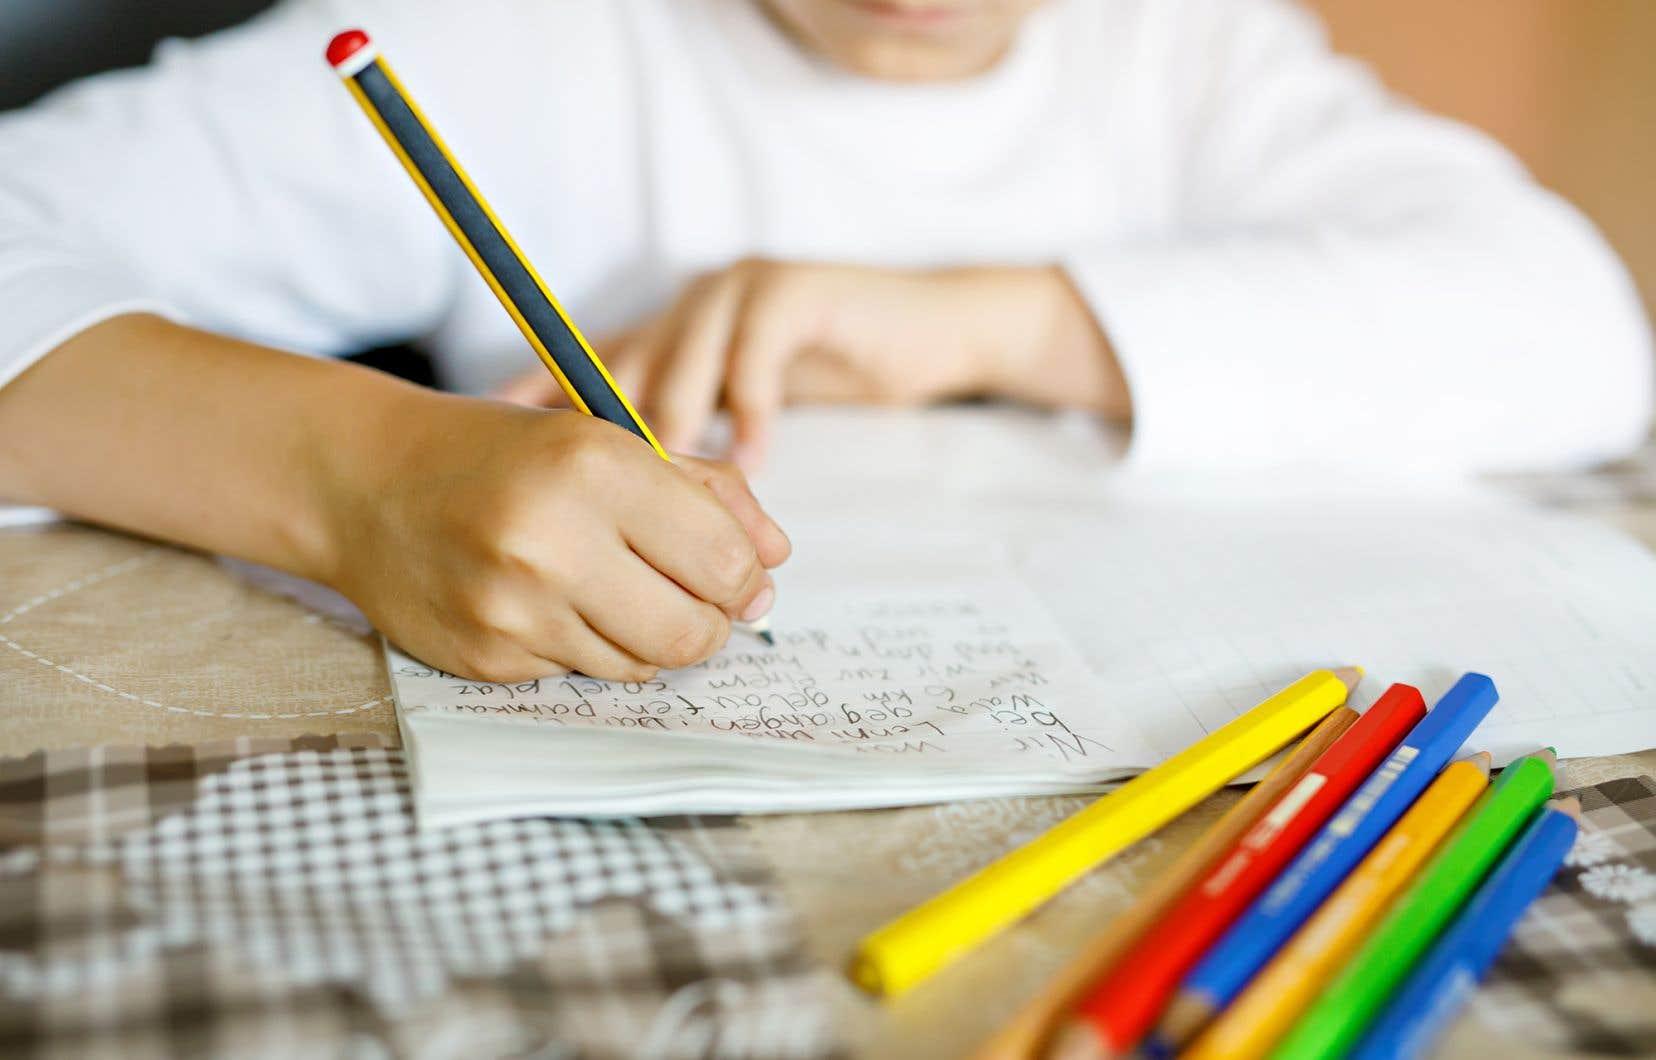 «D'abord, pour apprendre efficacement, les élèves doivent se sentir en sécurité, être détendus et confiants», dit l'autrice.